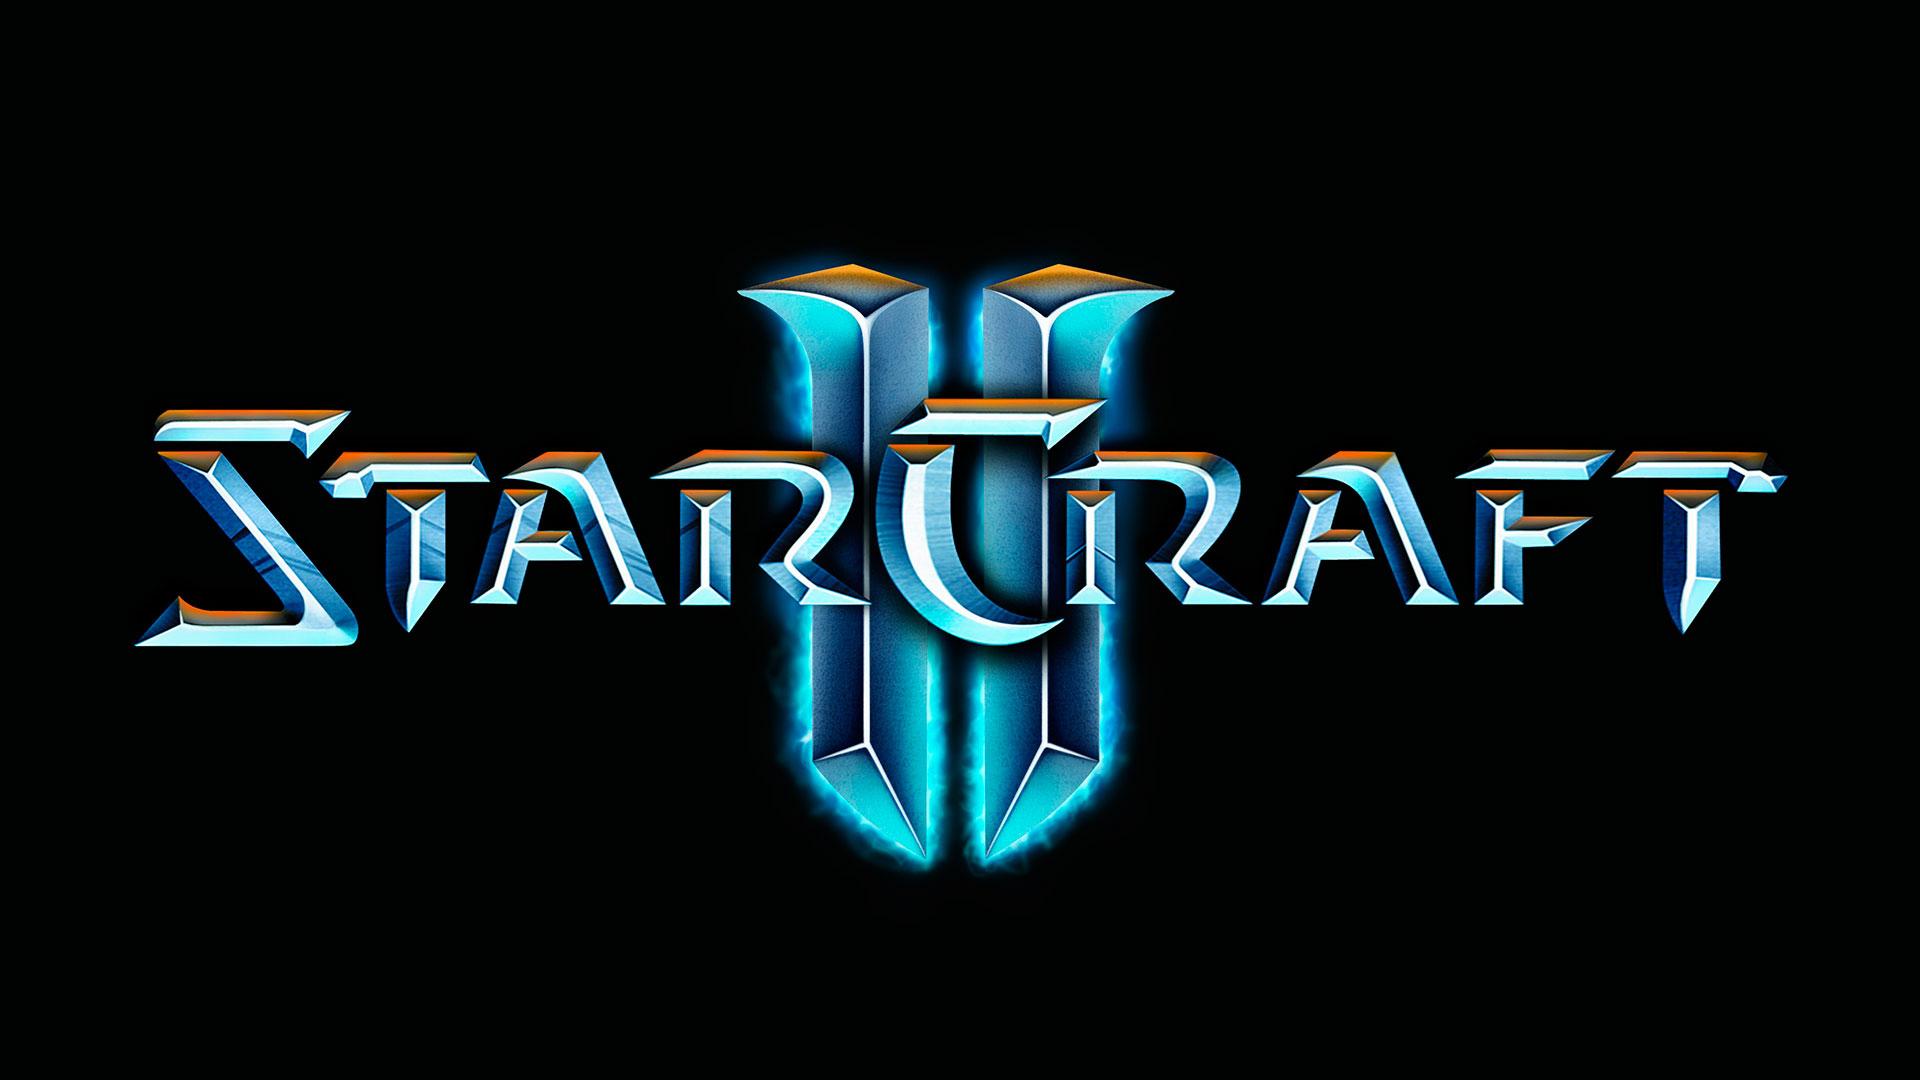 Starcraft II pasará a ser free to play